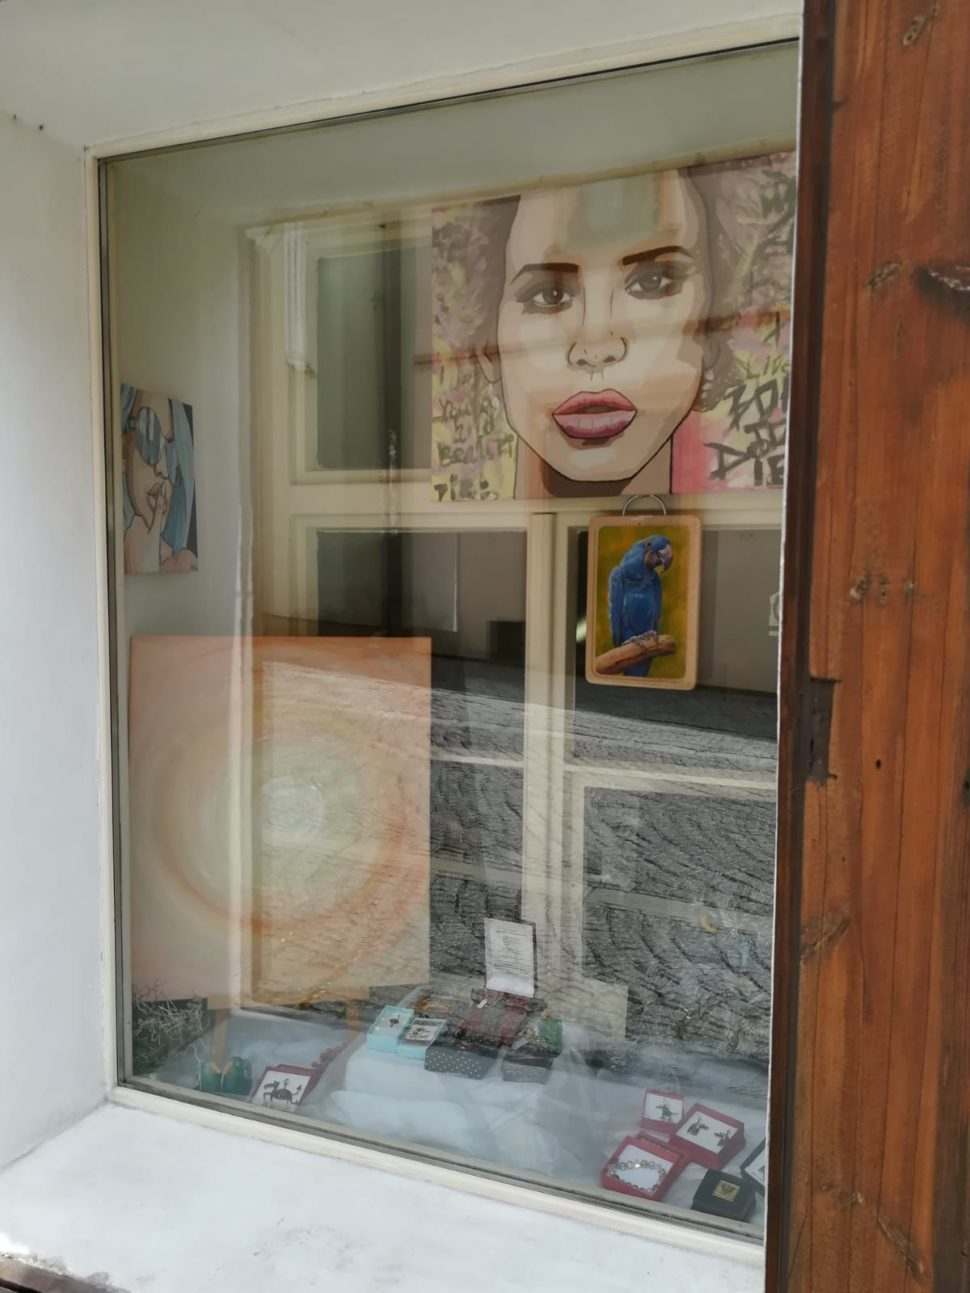 Výstava abstraktních obrazů Jane H. - Galerie Supice, Tábor